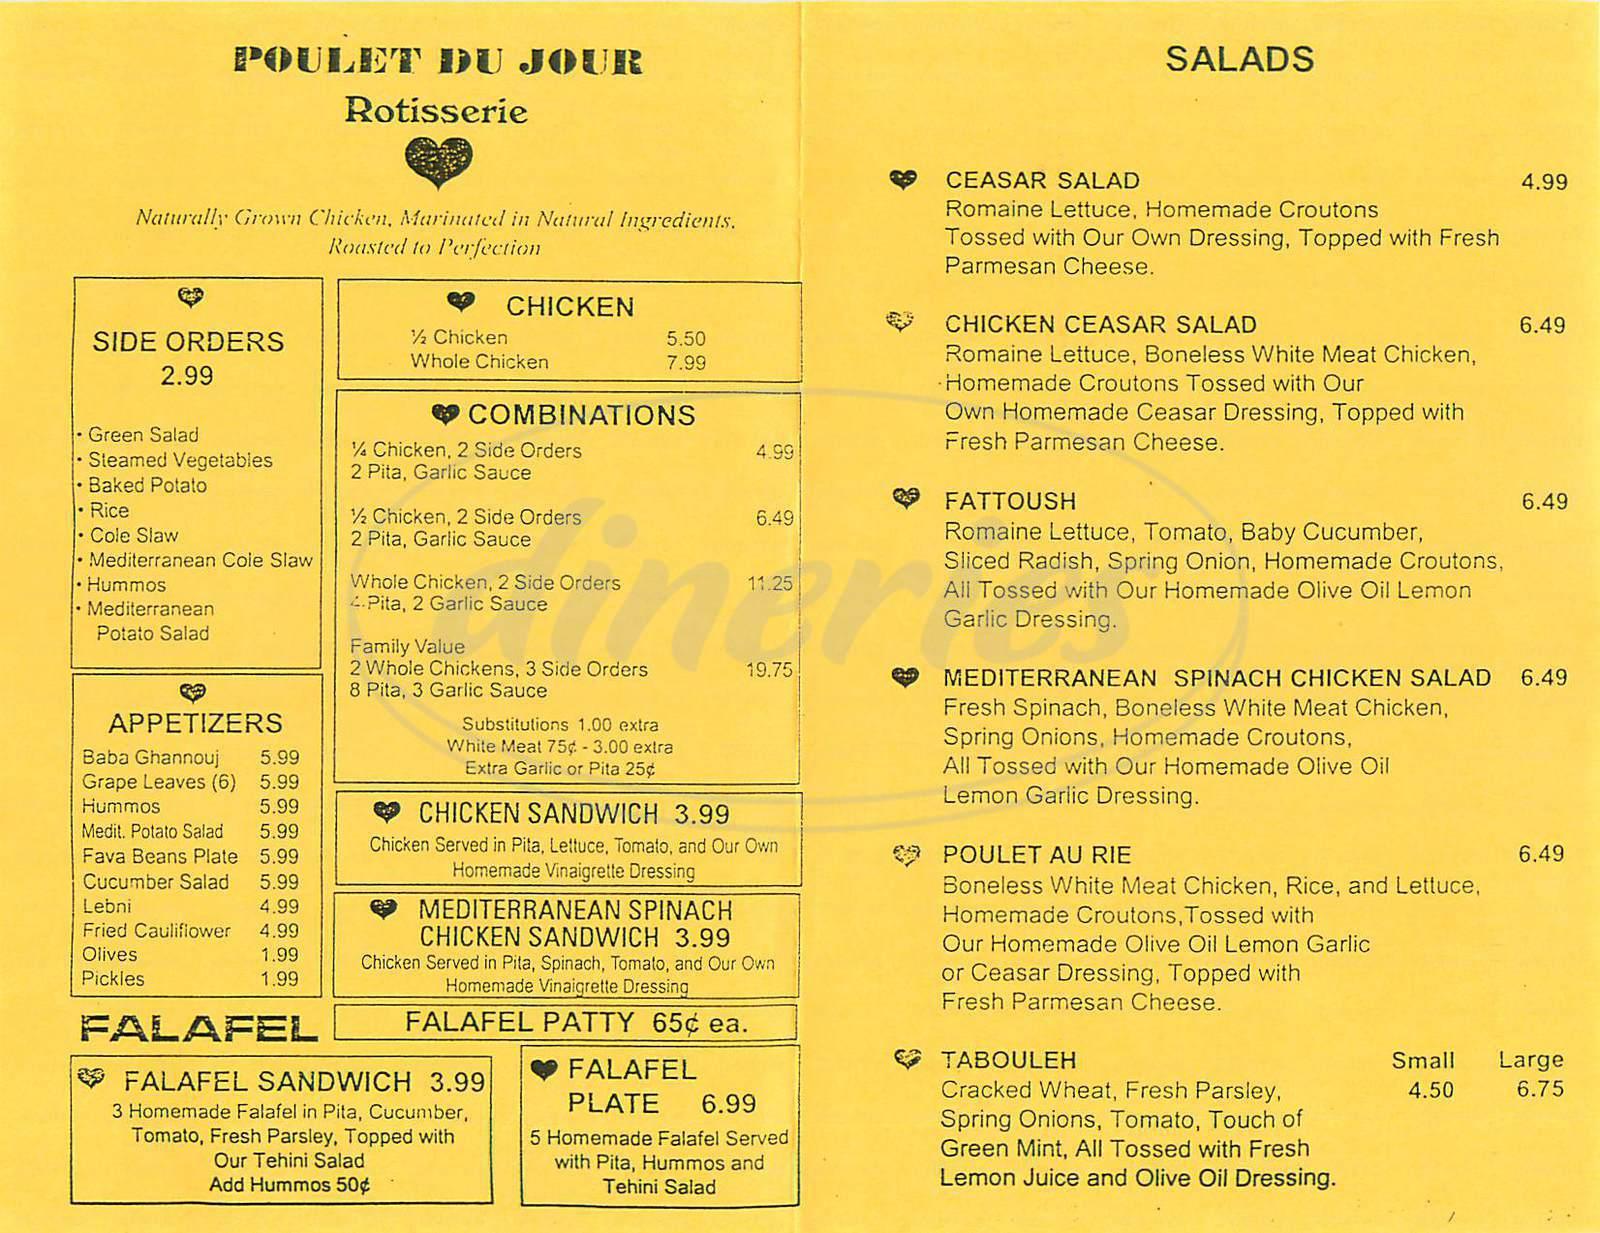 menu for Poutlet du Jour